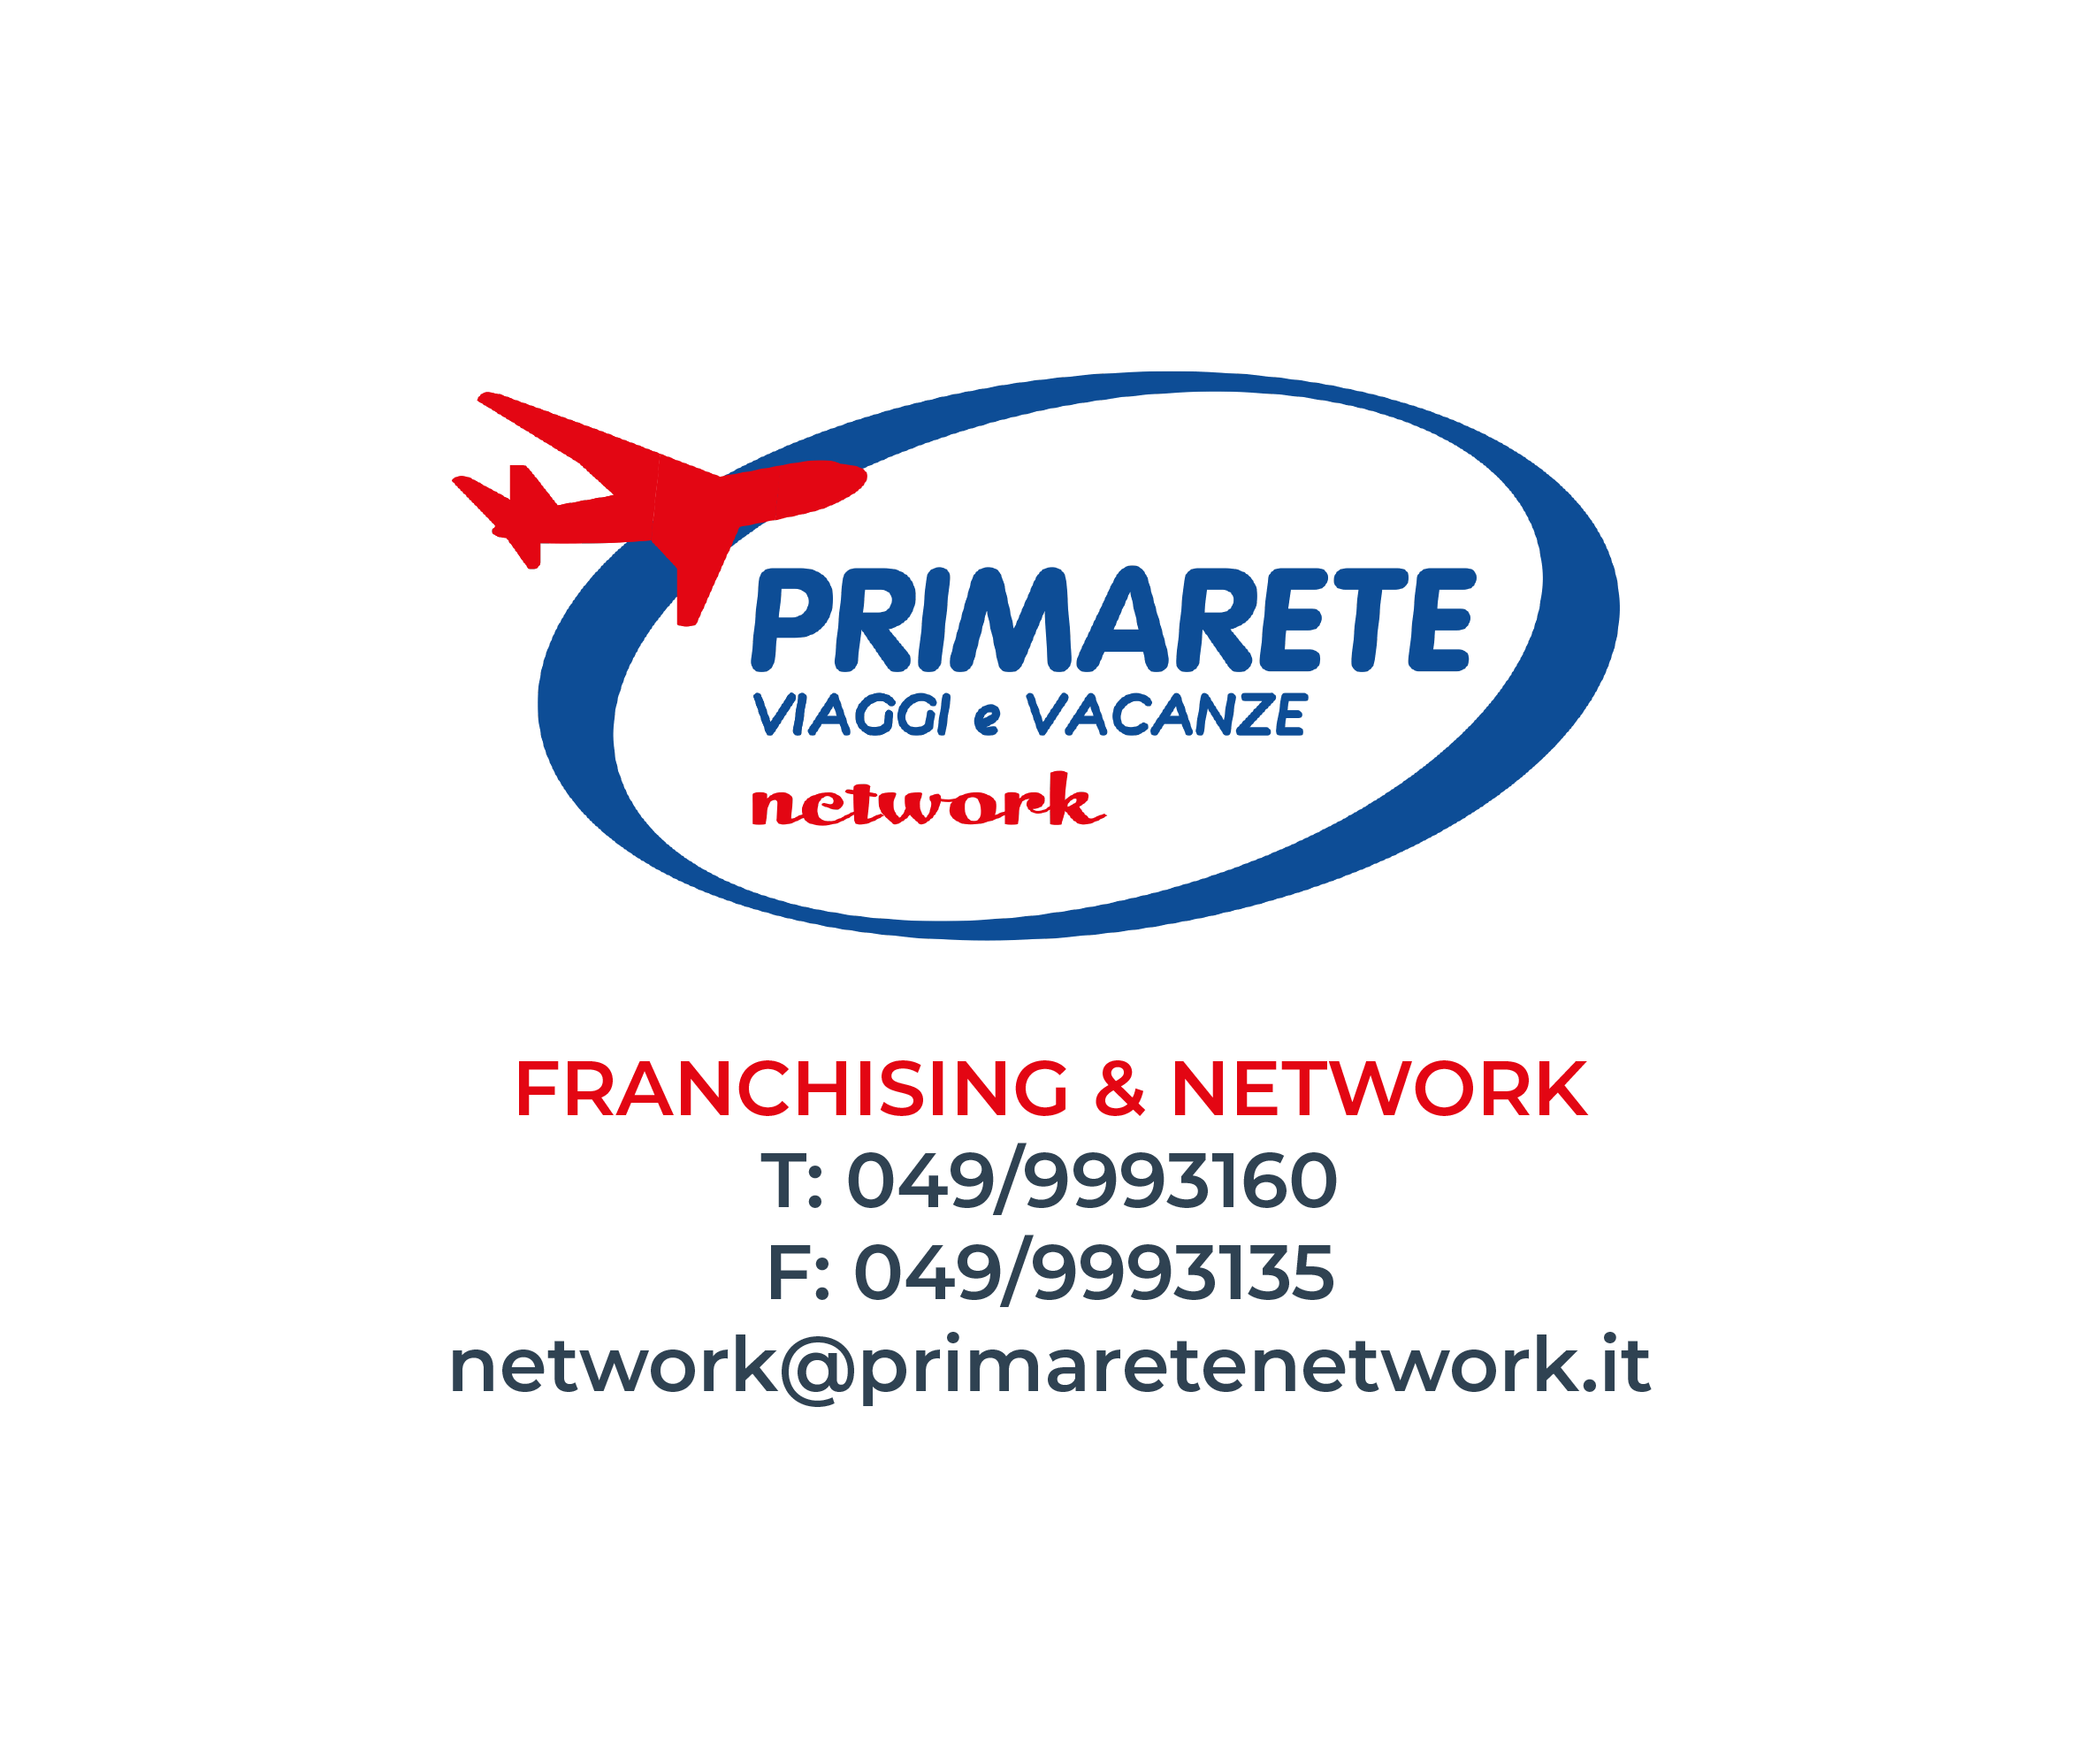 Primarete Network Contatti